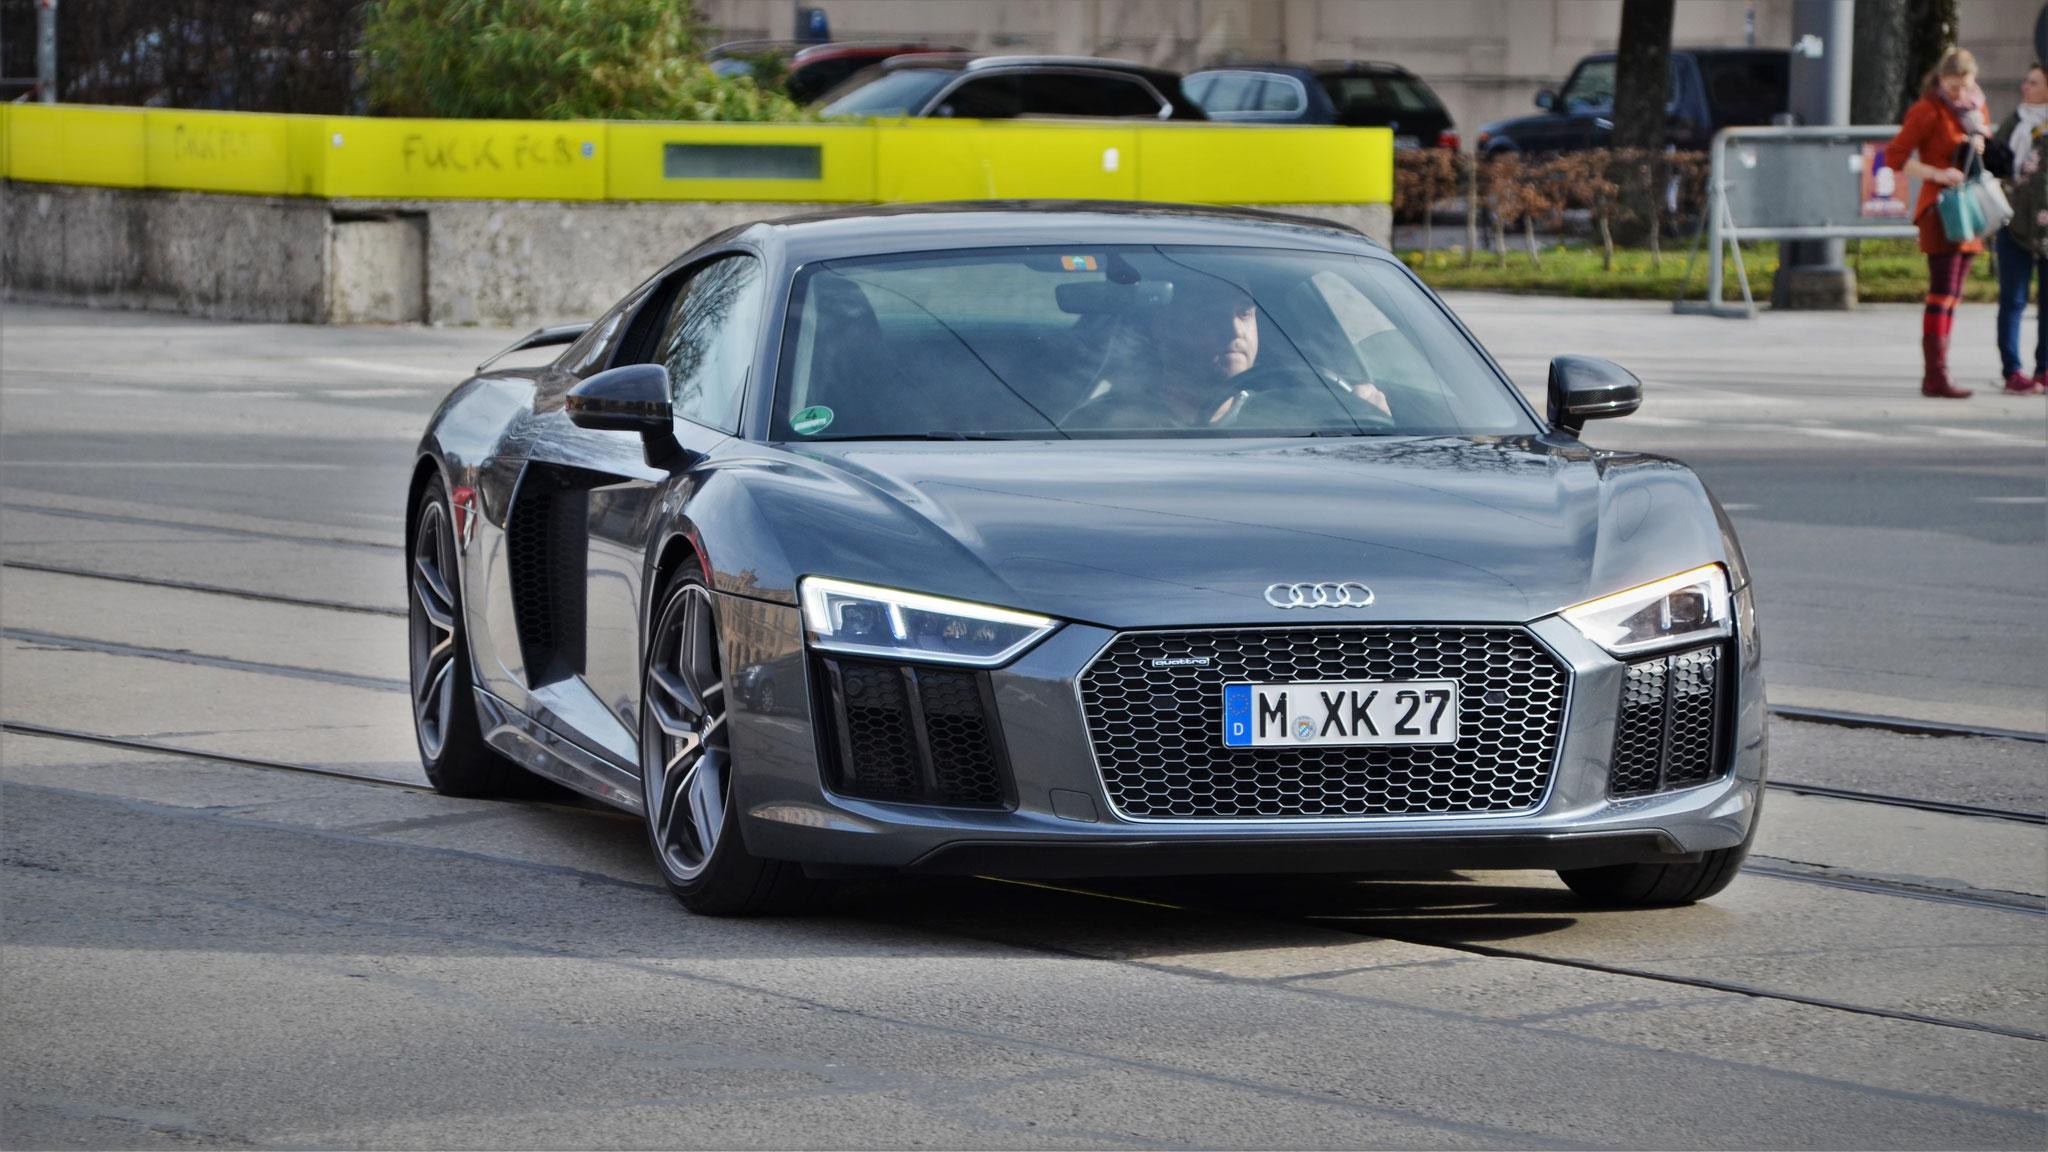 Audi R8 V10 - M-XK-27